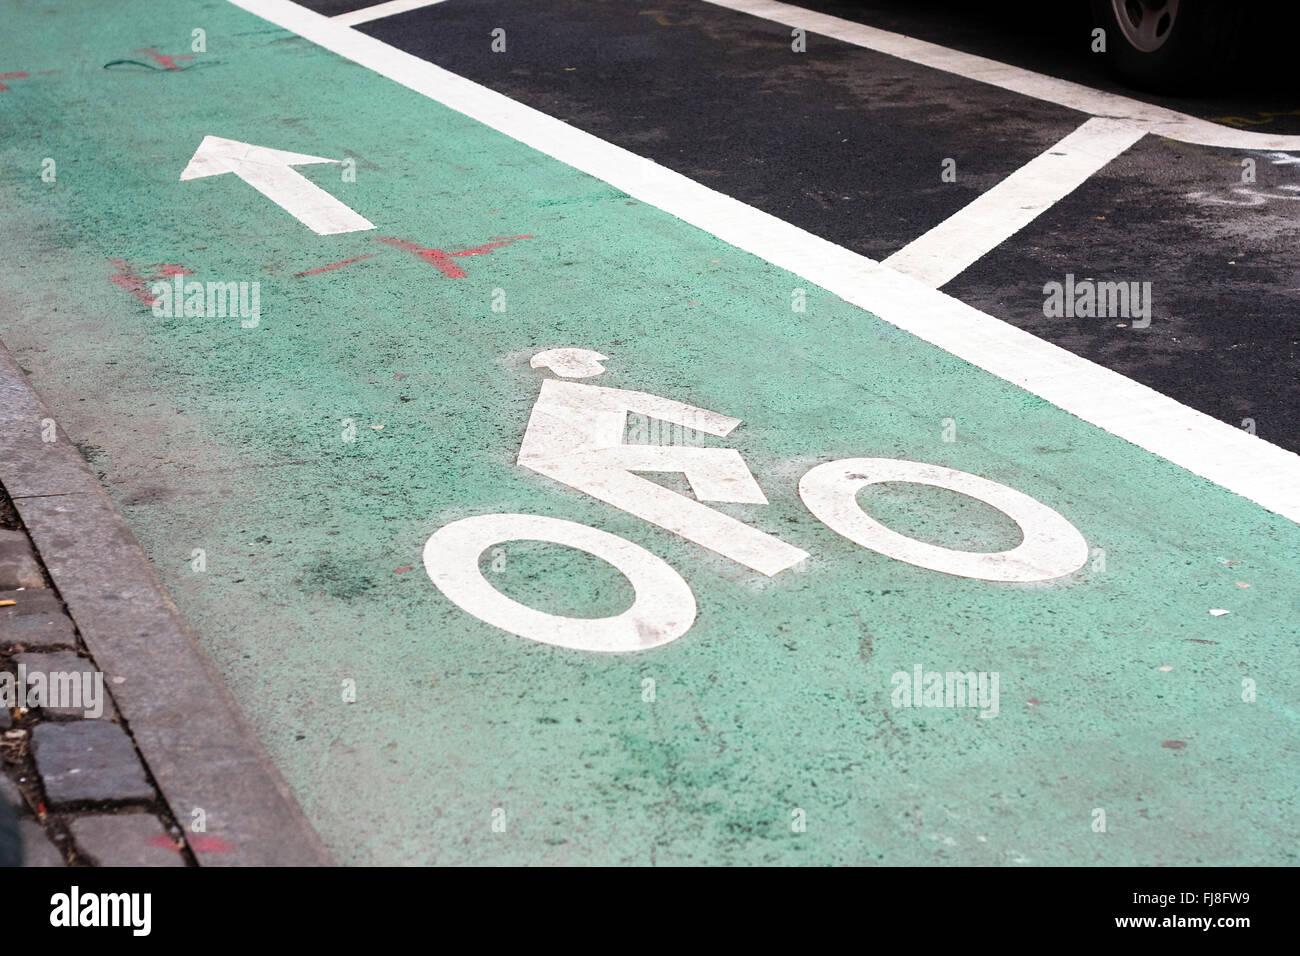 Grüne Farbe auf Straße, die Benennung einer dedizierten Radweg mit einem Radfahrer, Symbol und Pfeil in Stockbild